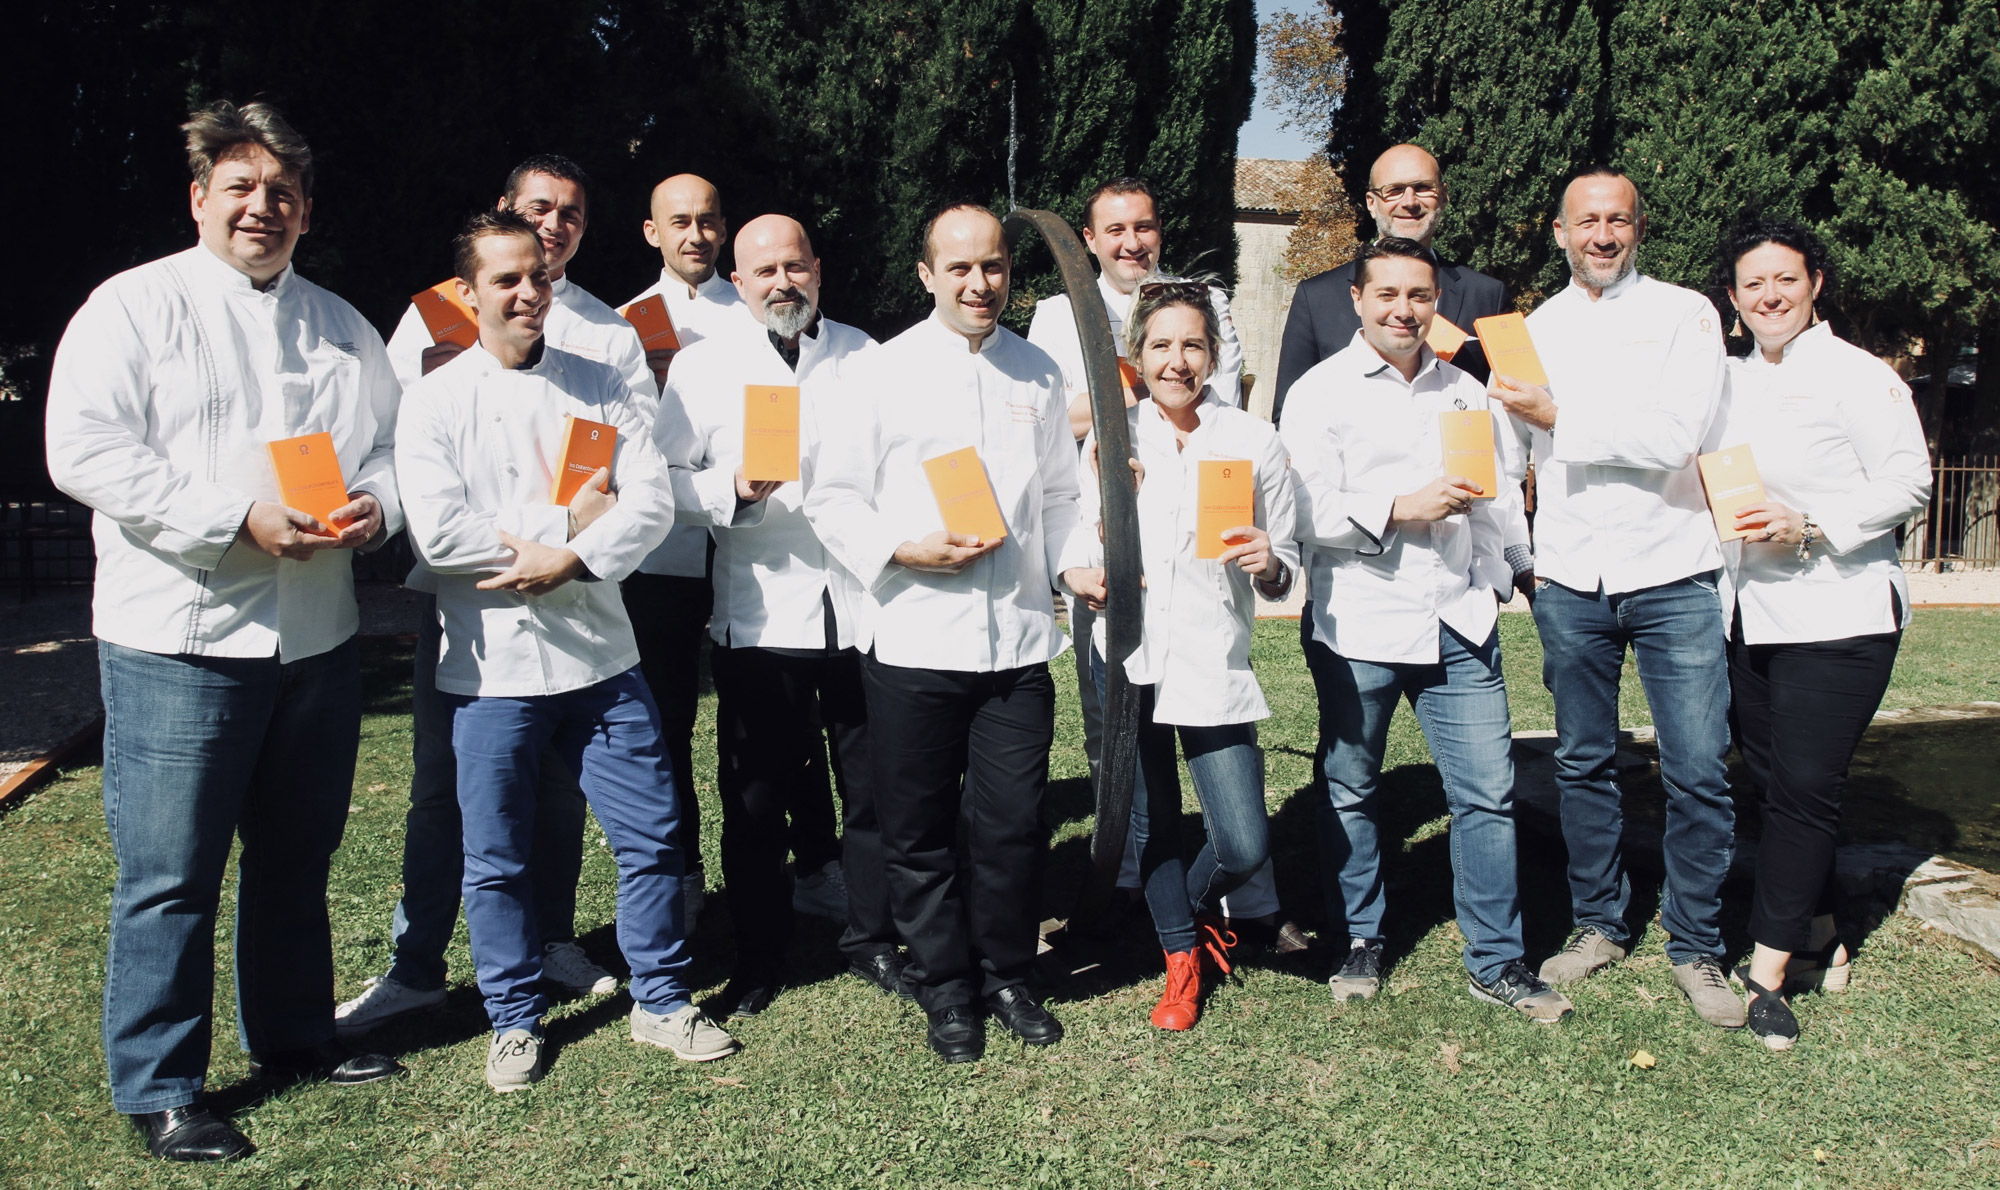 Les Chefs de la région Provence-Alpes-Côtes d'Azur présents à la 5ème édition des Dîners de Chefs au profit des Restaurants du Cœur © Marie Tabacchi